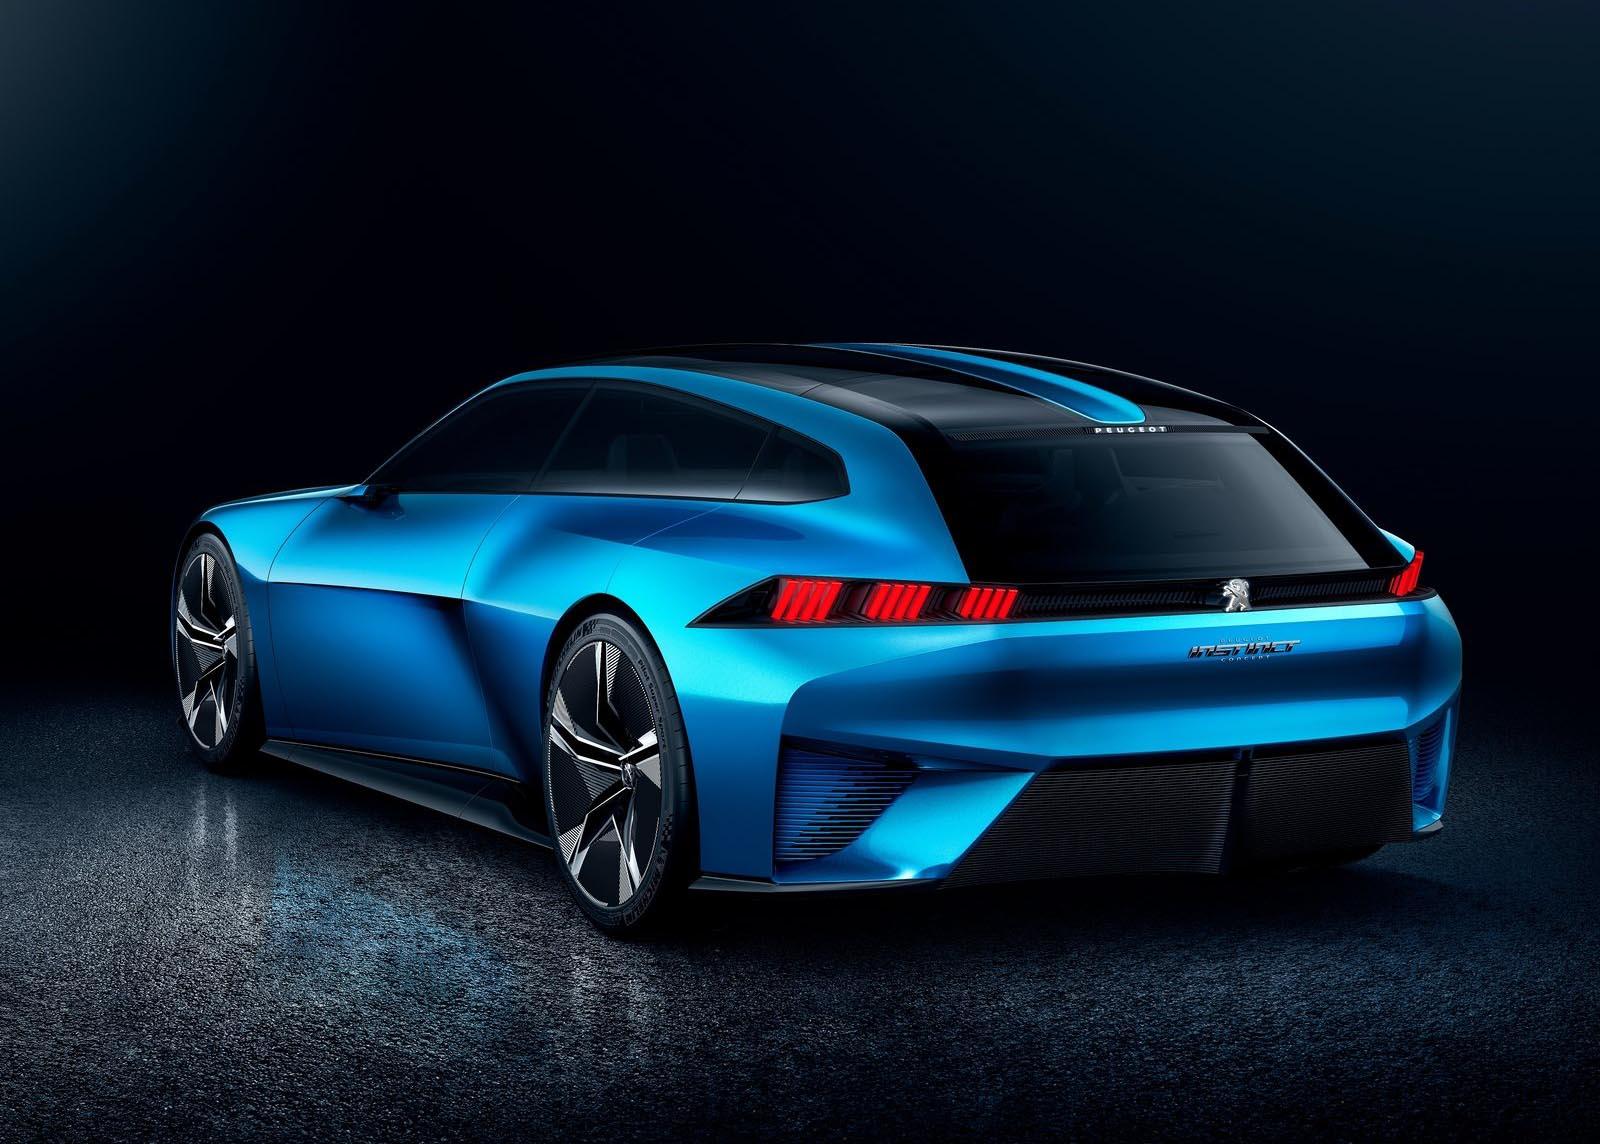 Peugeot-Instinct_Concept-2017-1600-17.jpg